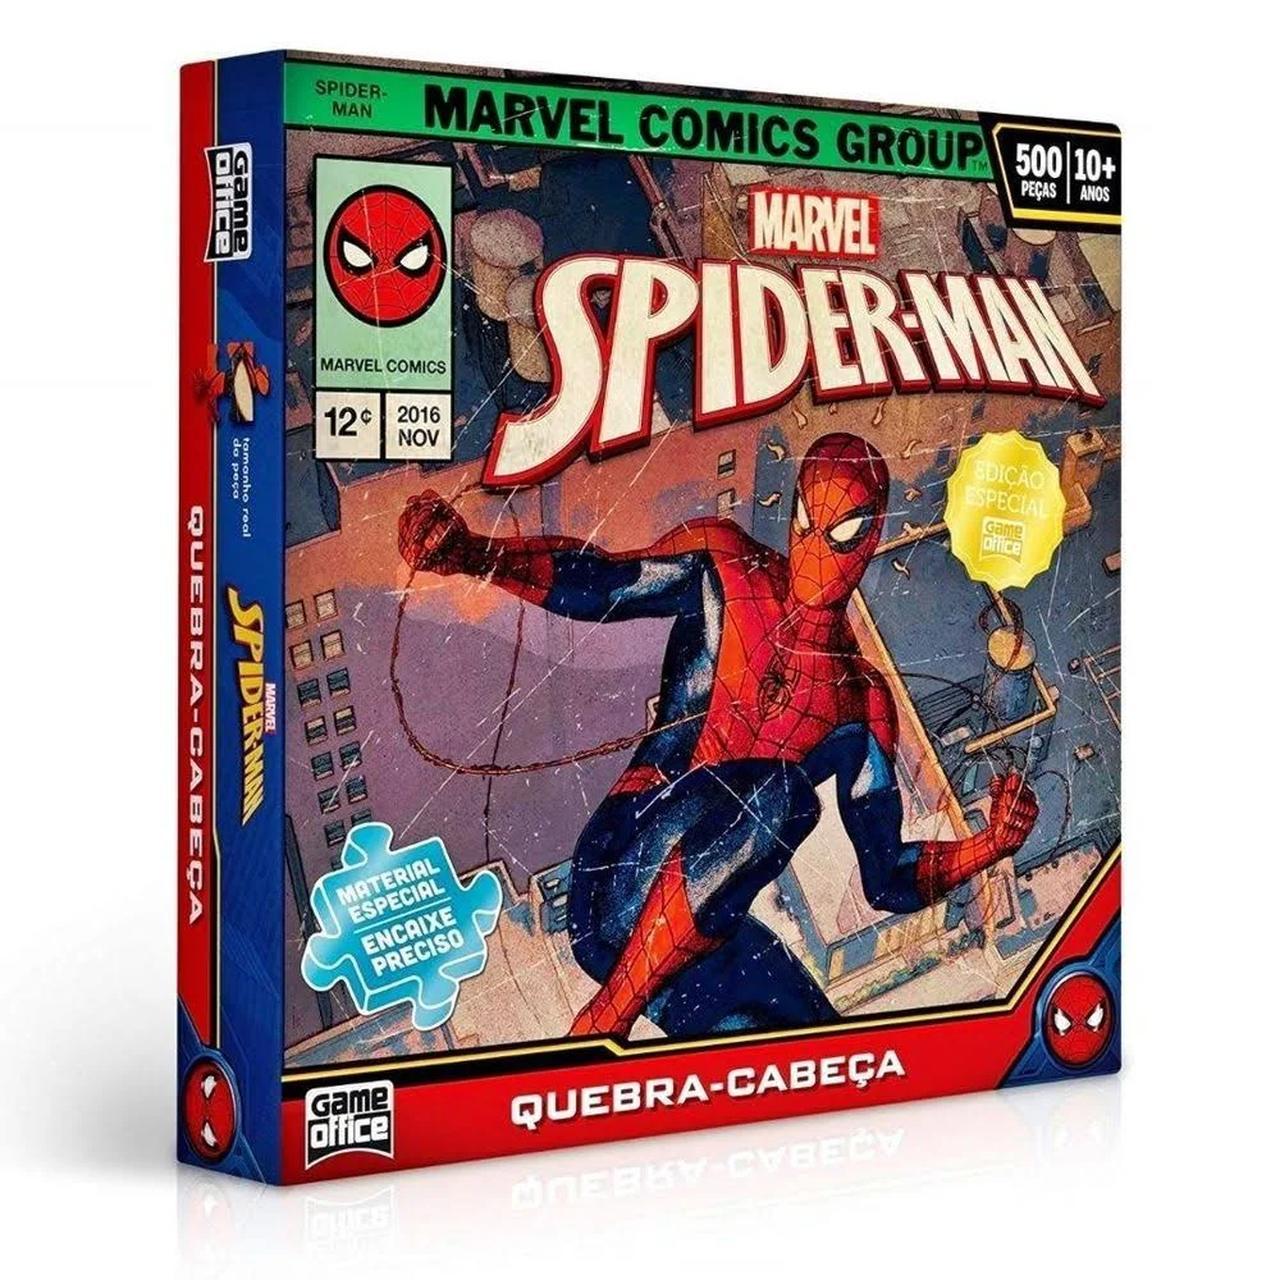 Quebra Cabeça - Homem Aranha Marvel - 500 Peças - Toyster